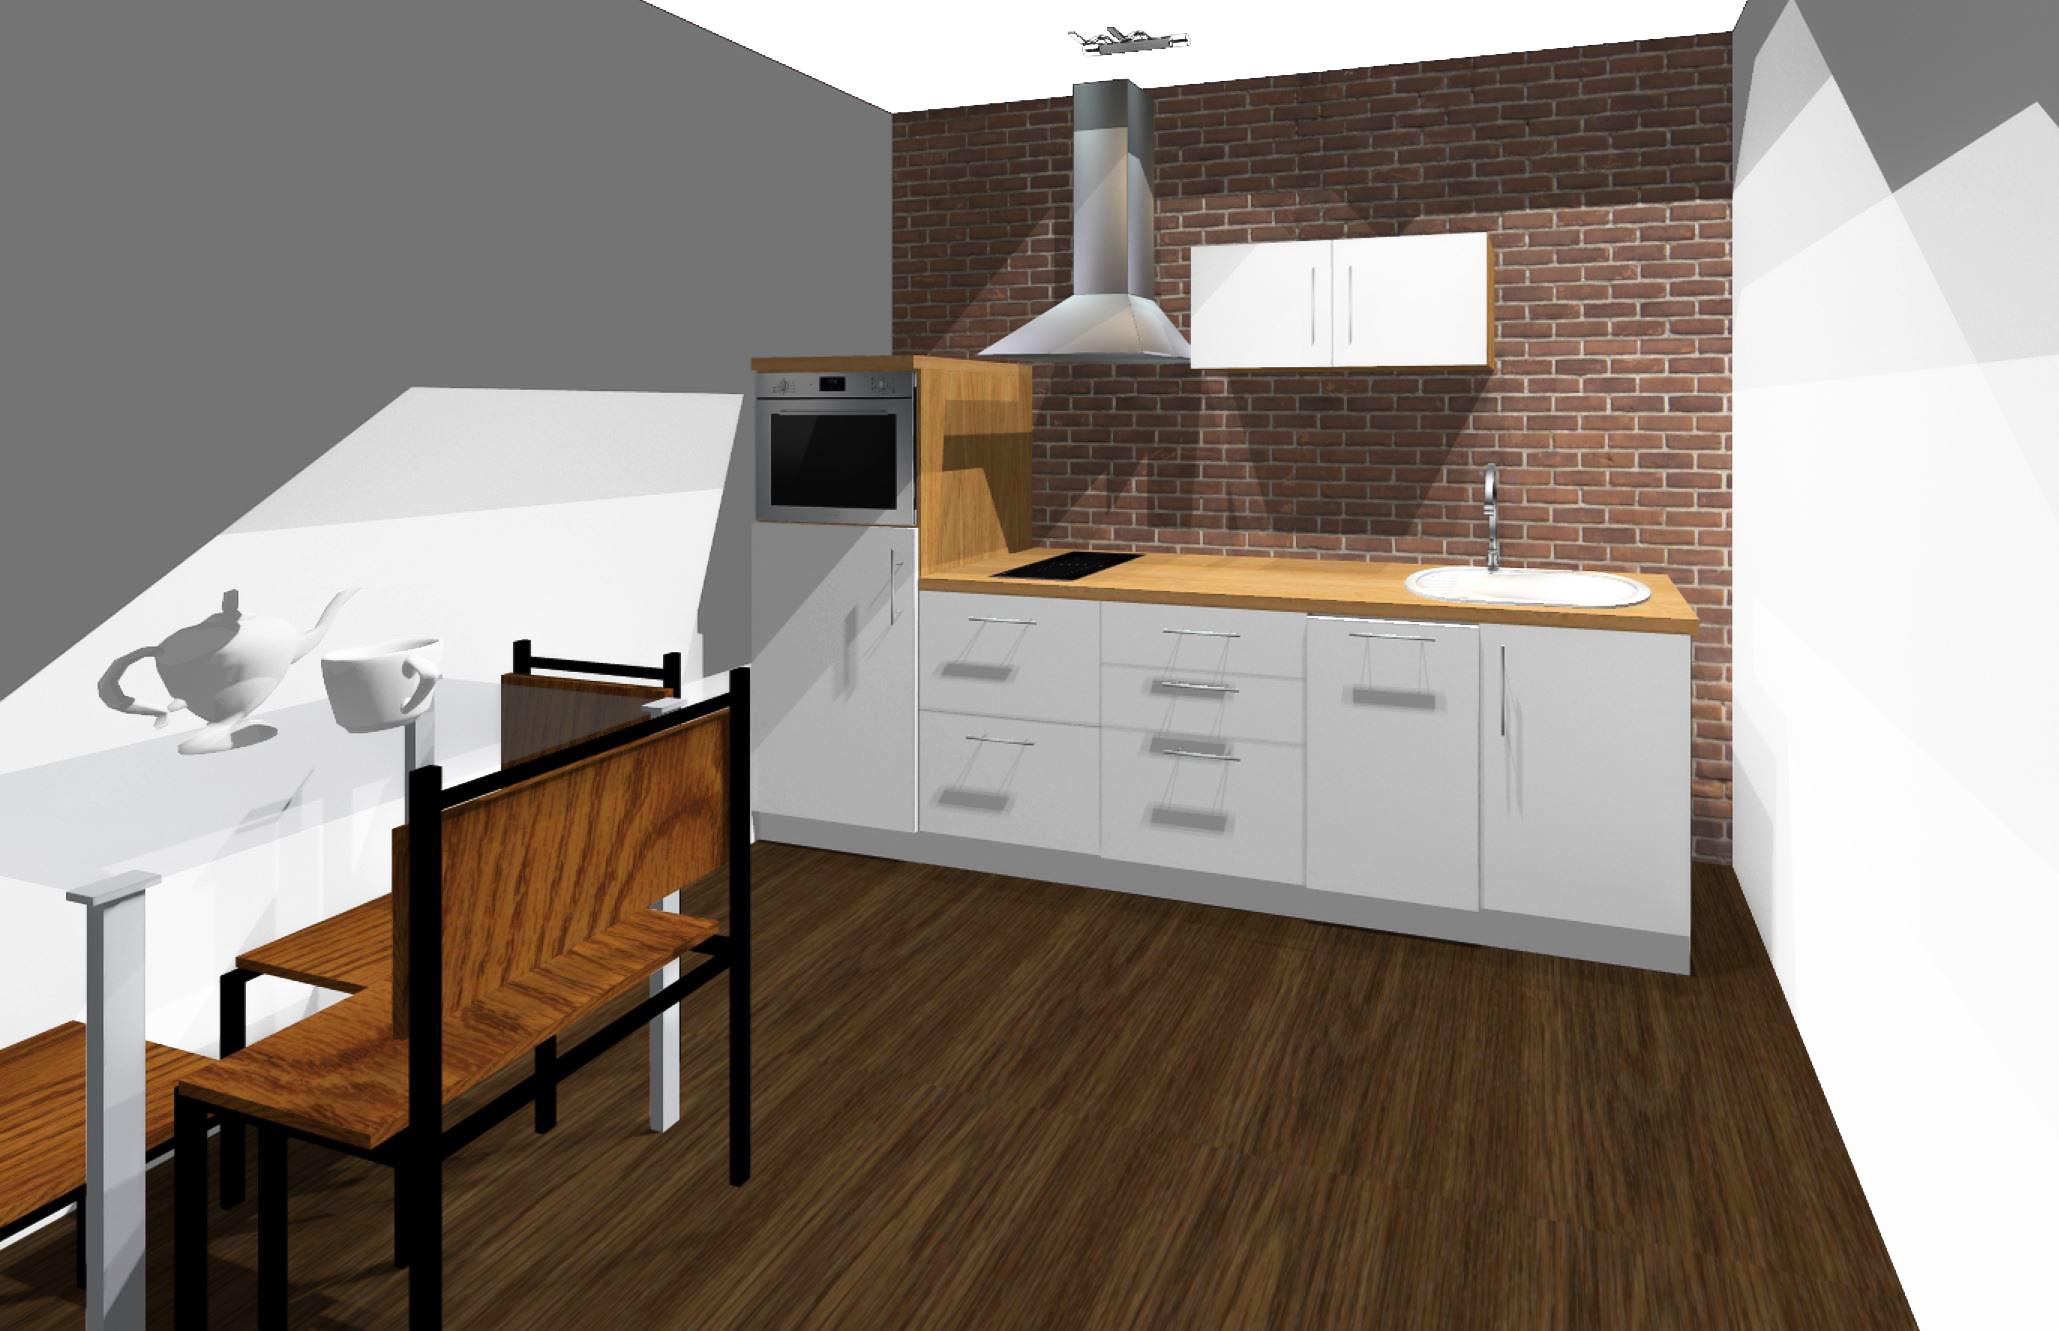 Full Size of Kleine Einbauküche Ikea Kleine Einbauküche Verkaufen Kleine Einbauküche Mit Geräten Kleine Einbauküche Ebay Küche Kleine Einbauküche